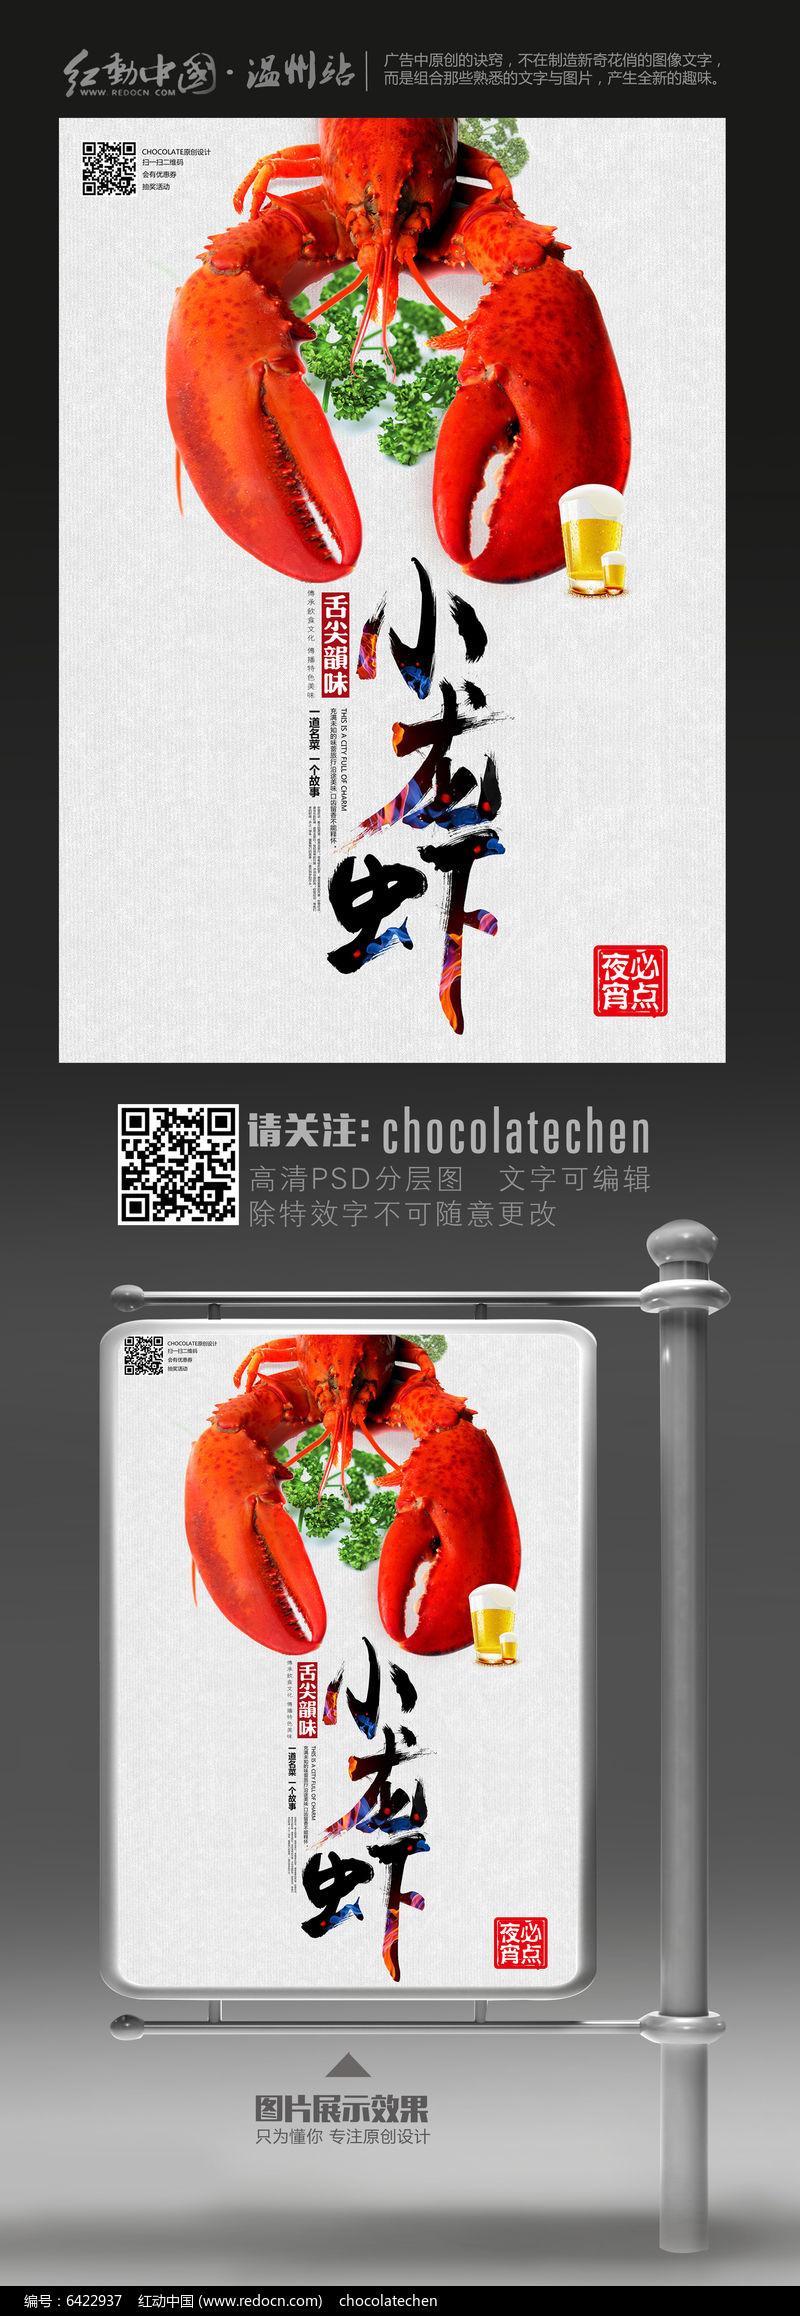 中国美食小龙虾新品推荐海报图片